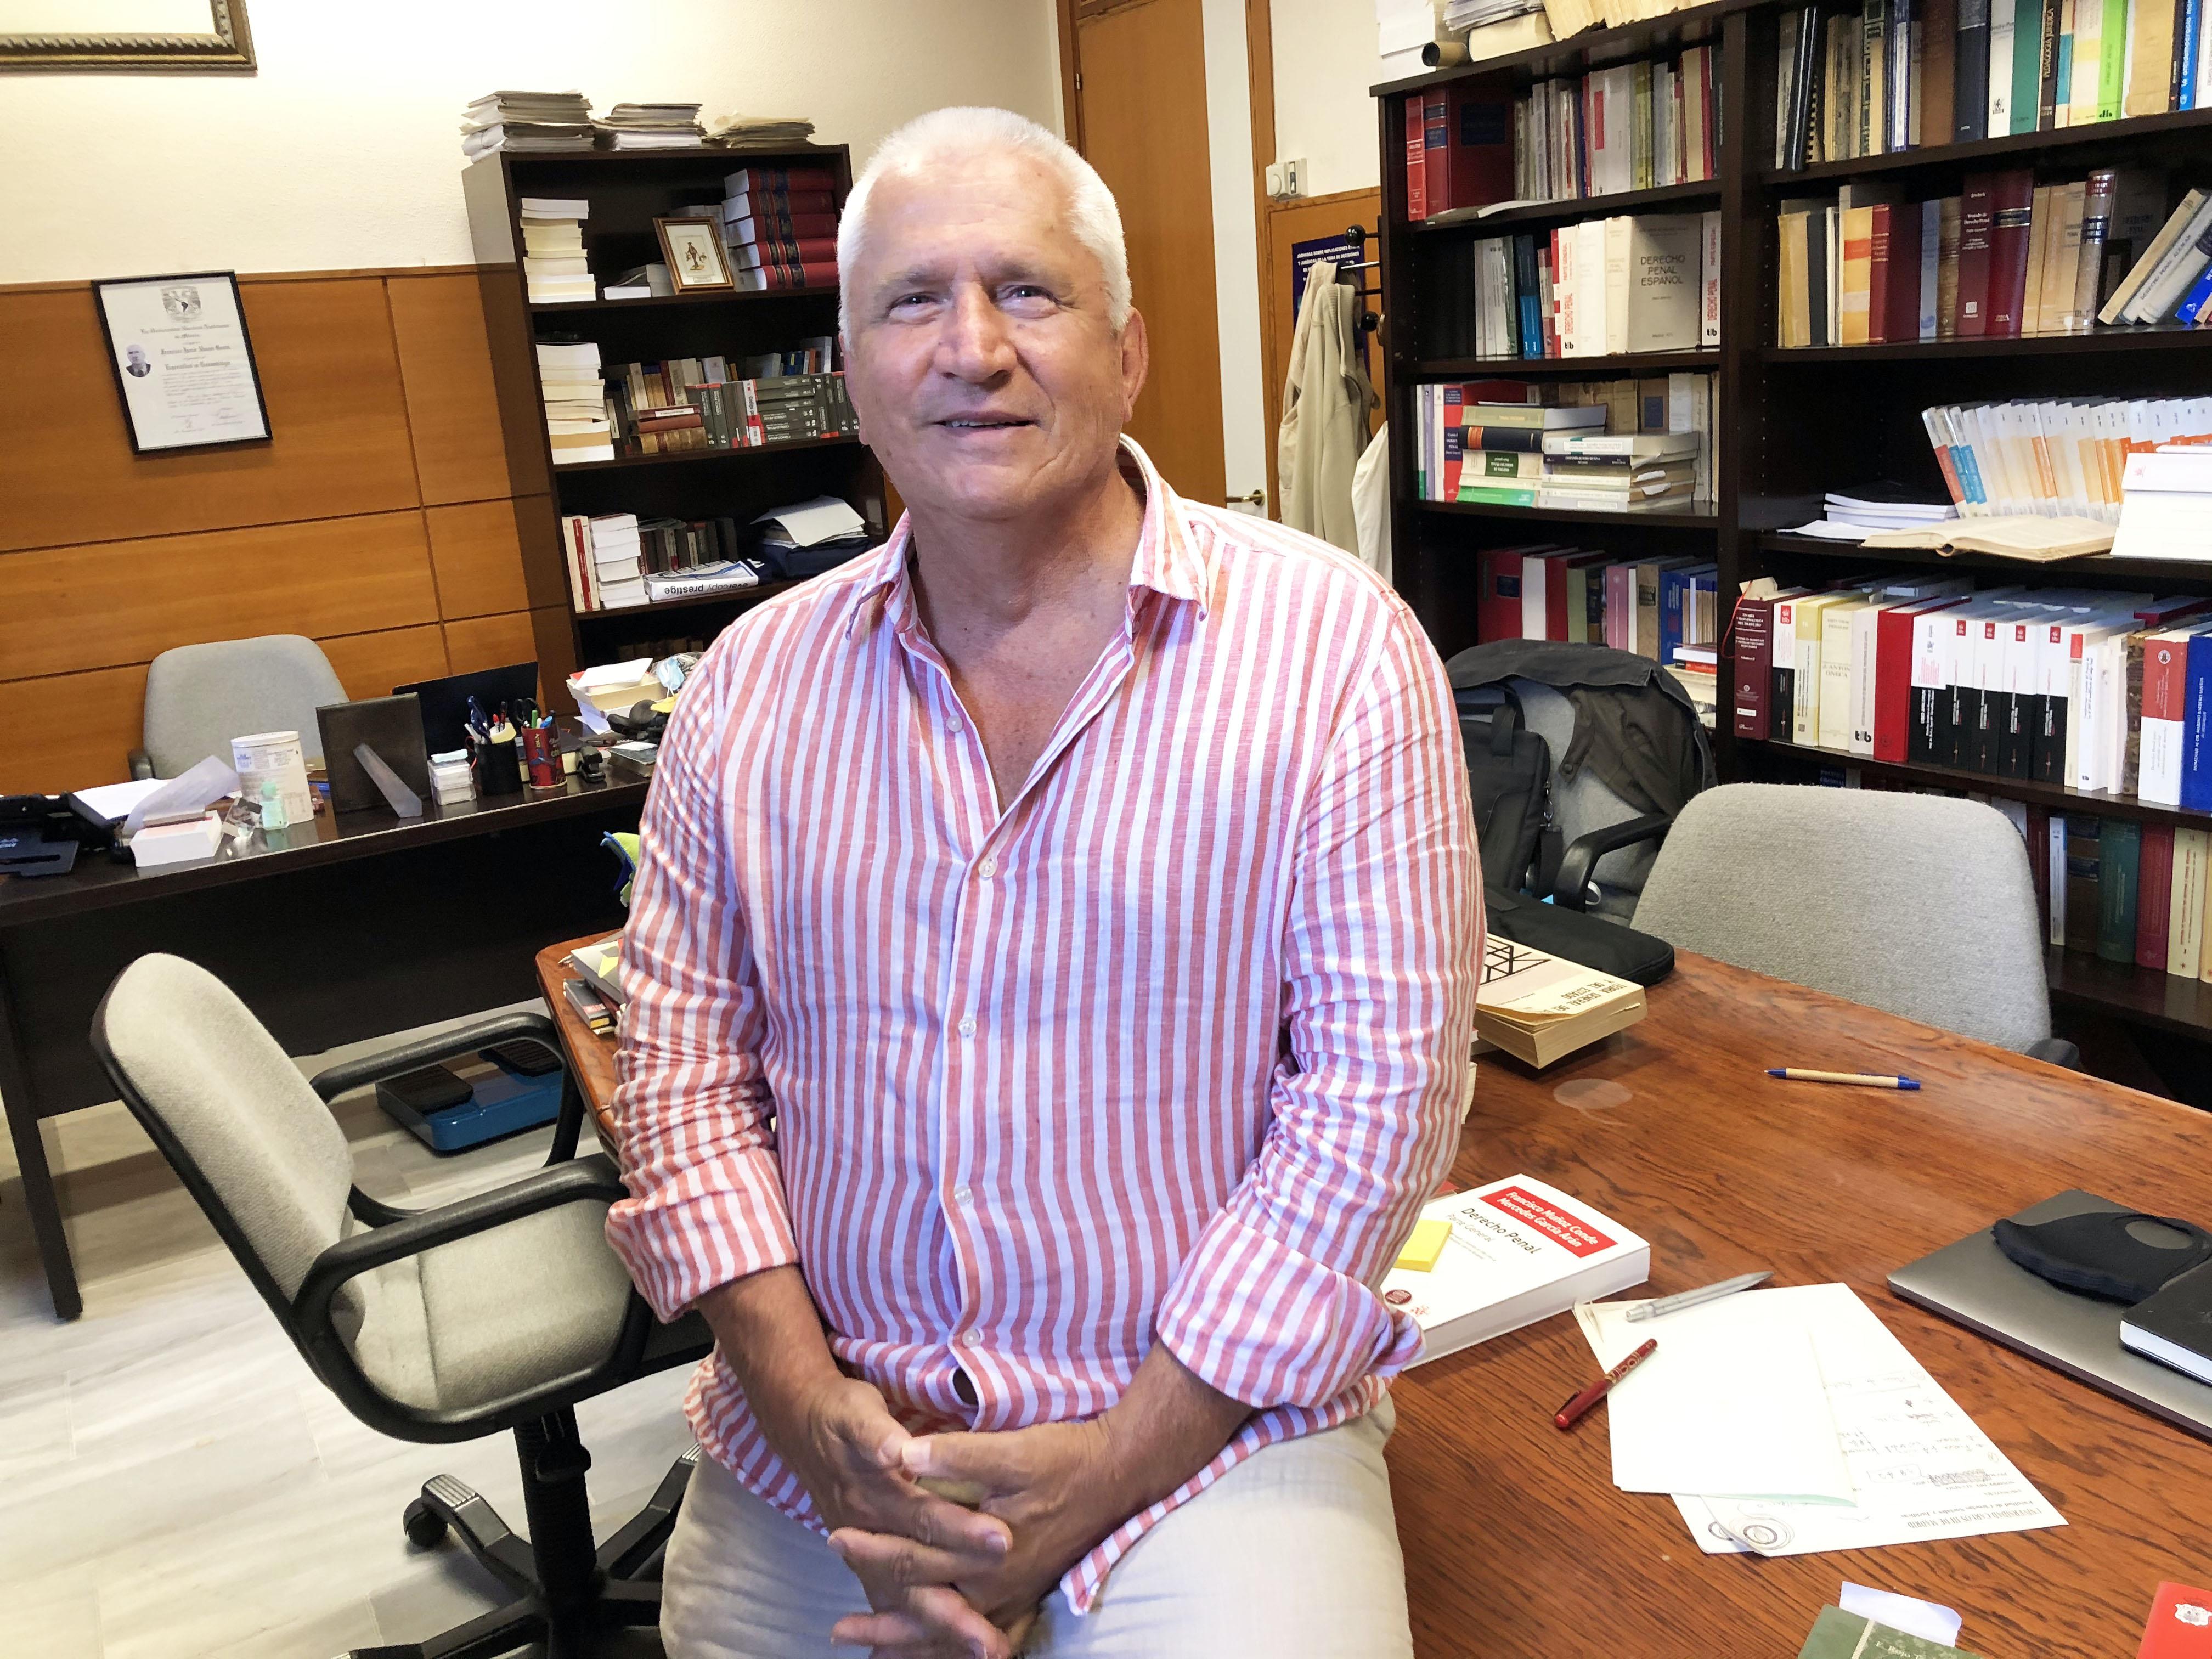 Francisco Javier Alvarez Garciajpg